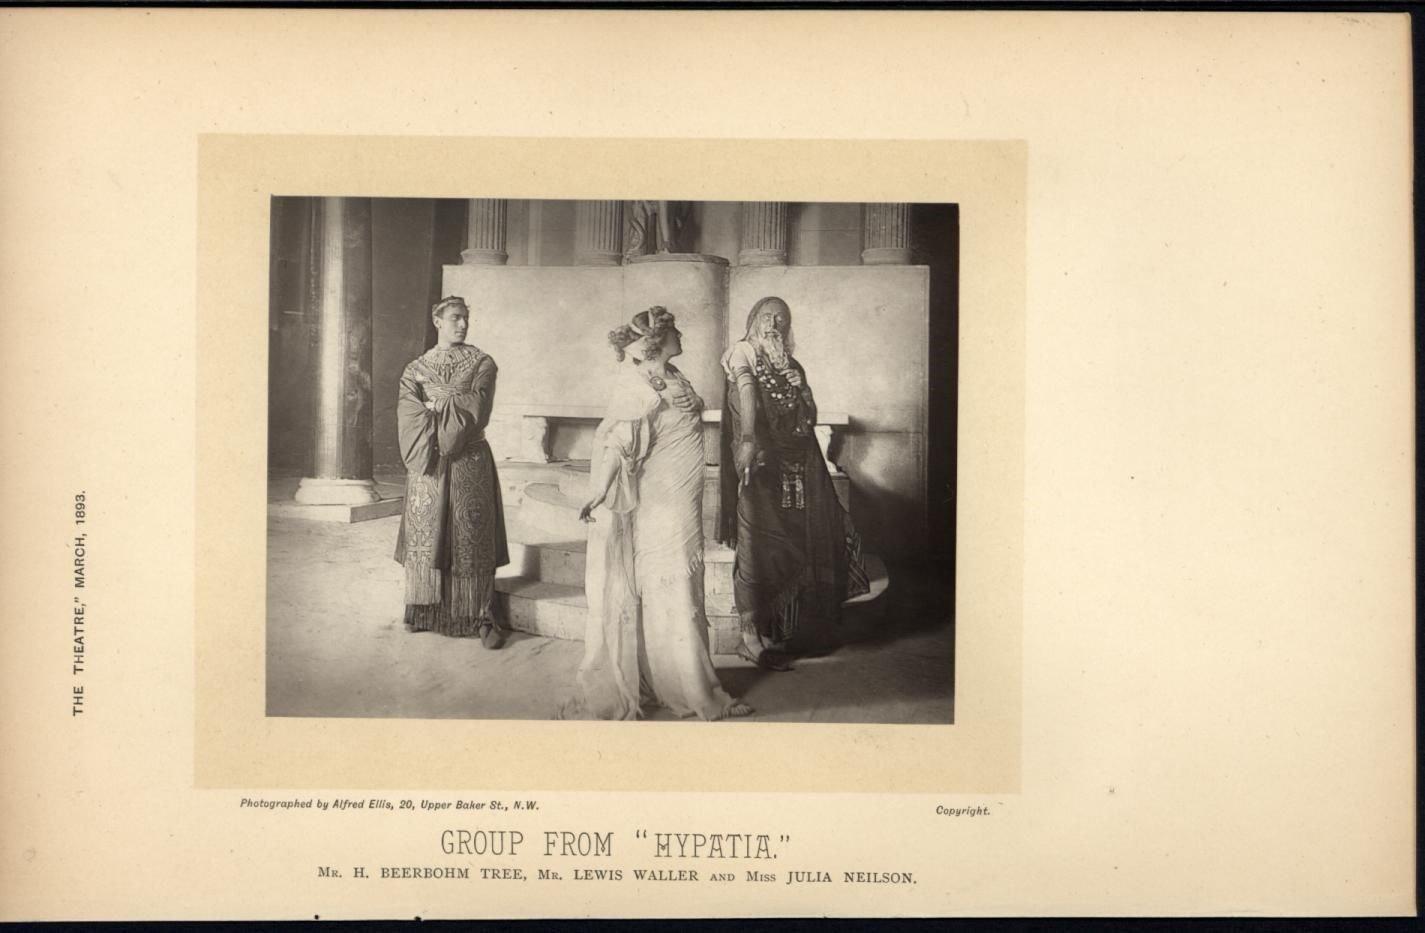 Beerbohm Lewis Waller Julia Neilson Thespians 1893 scarce antique theatre photo